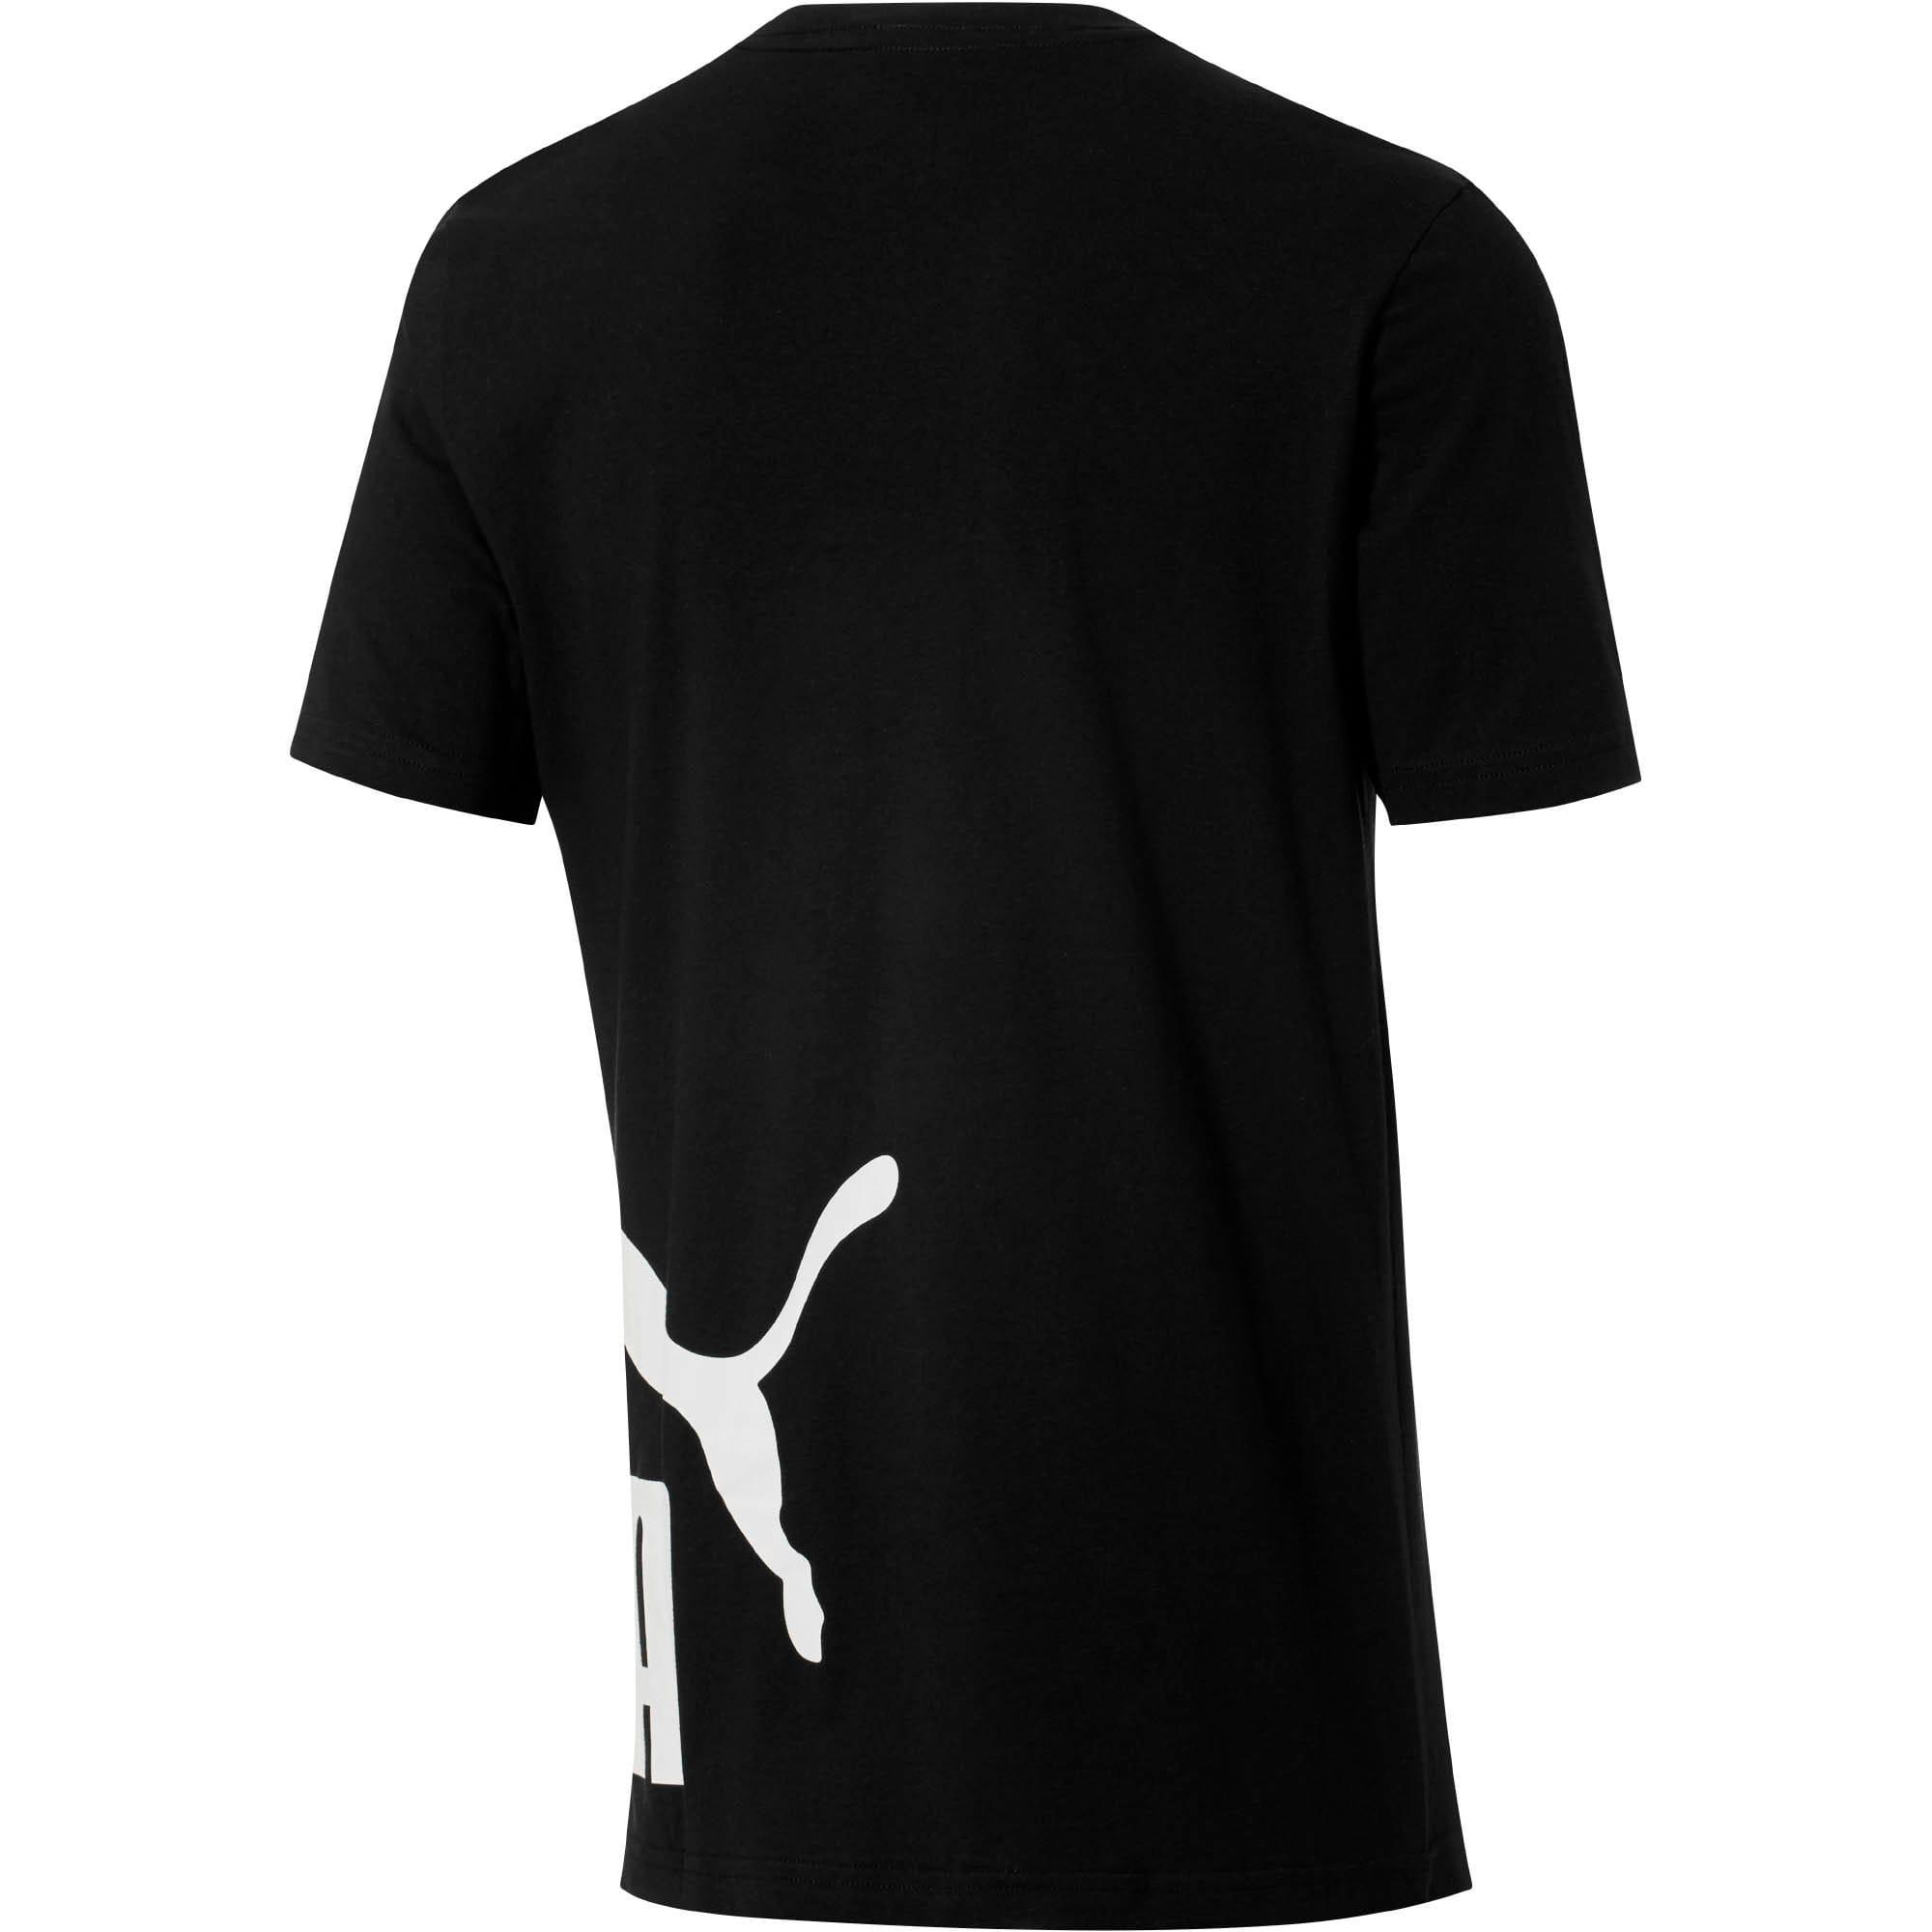 Thumbnail 3 of No. 1 Logo Wrap T-Shirt, Puma Black-Puma White, medium